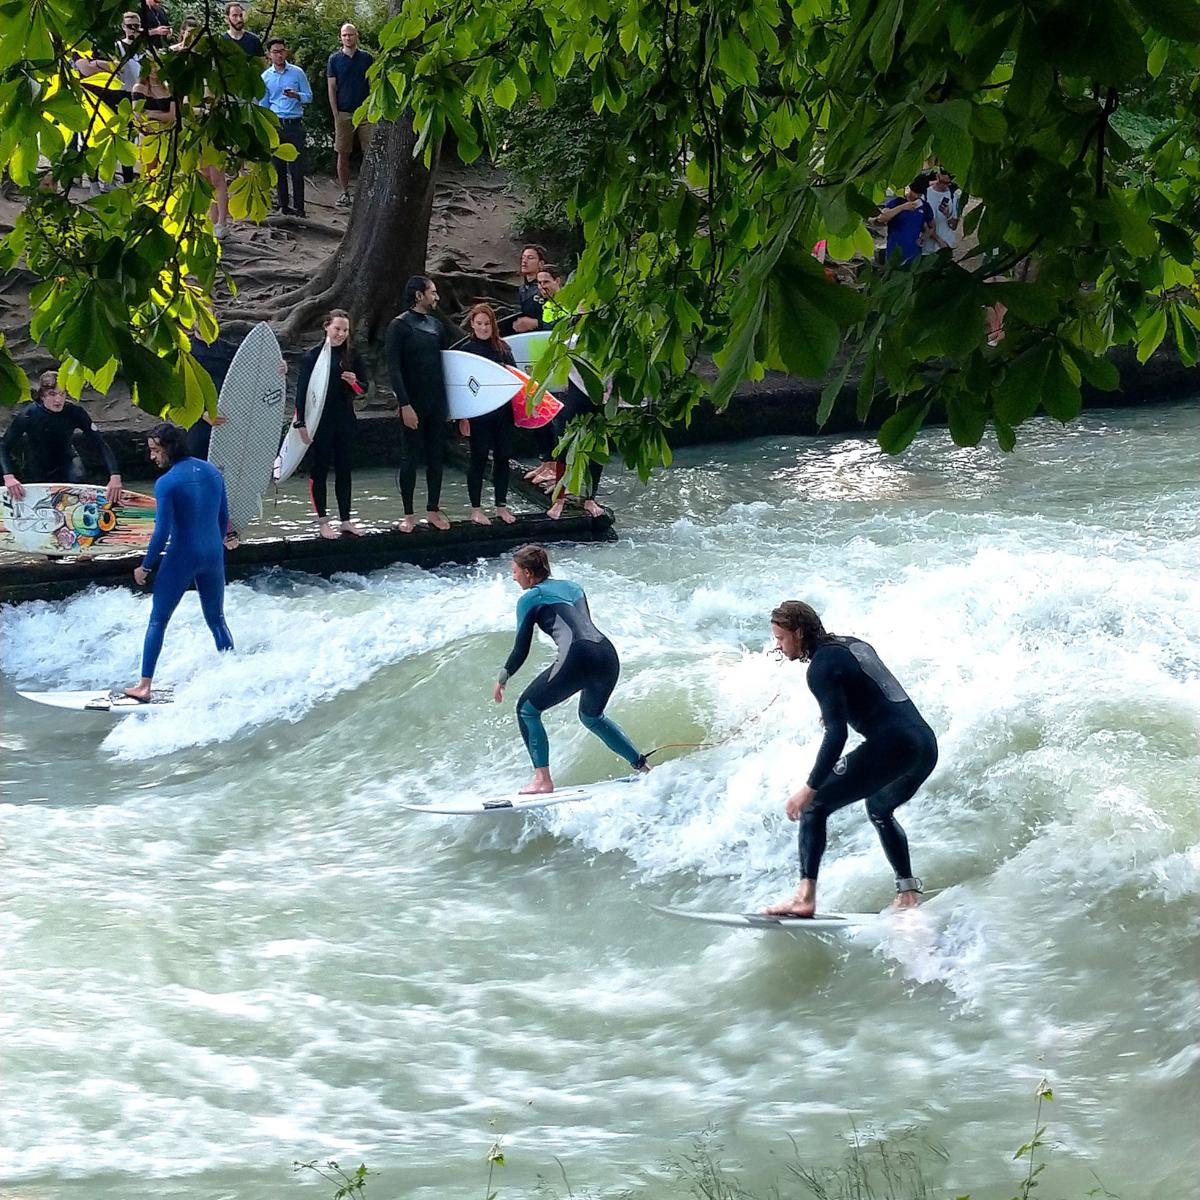 Surfen im Eisbach in München